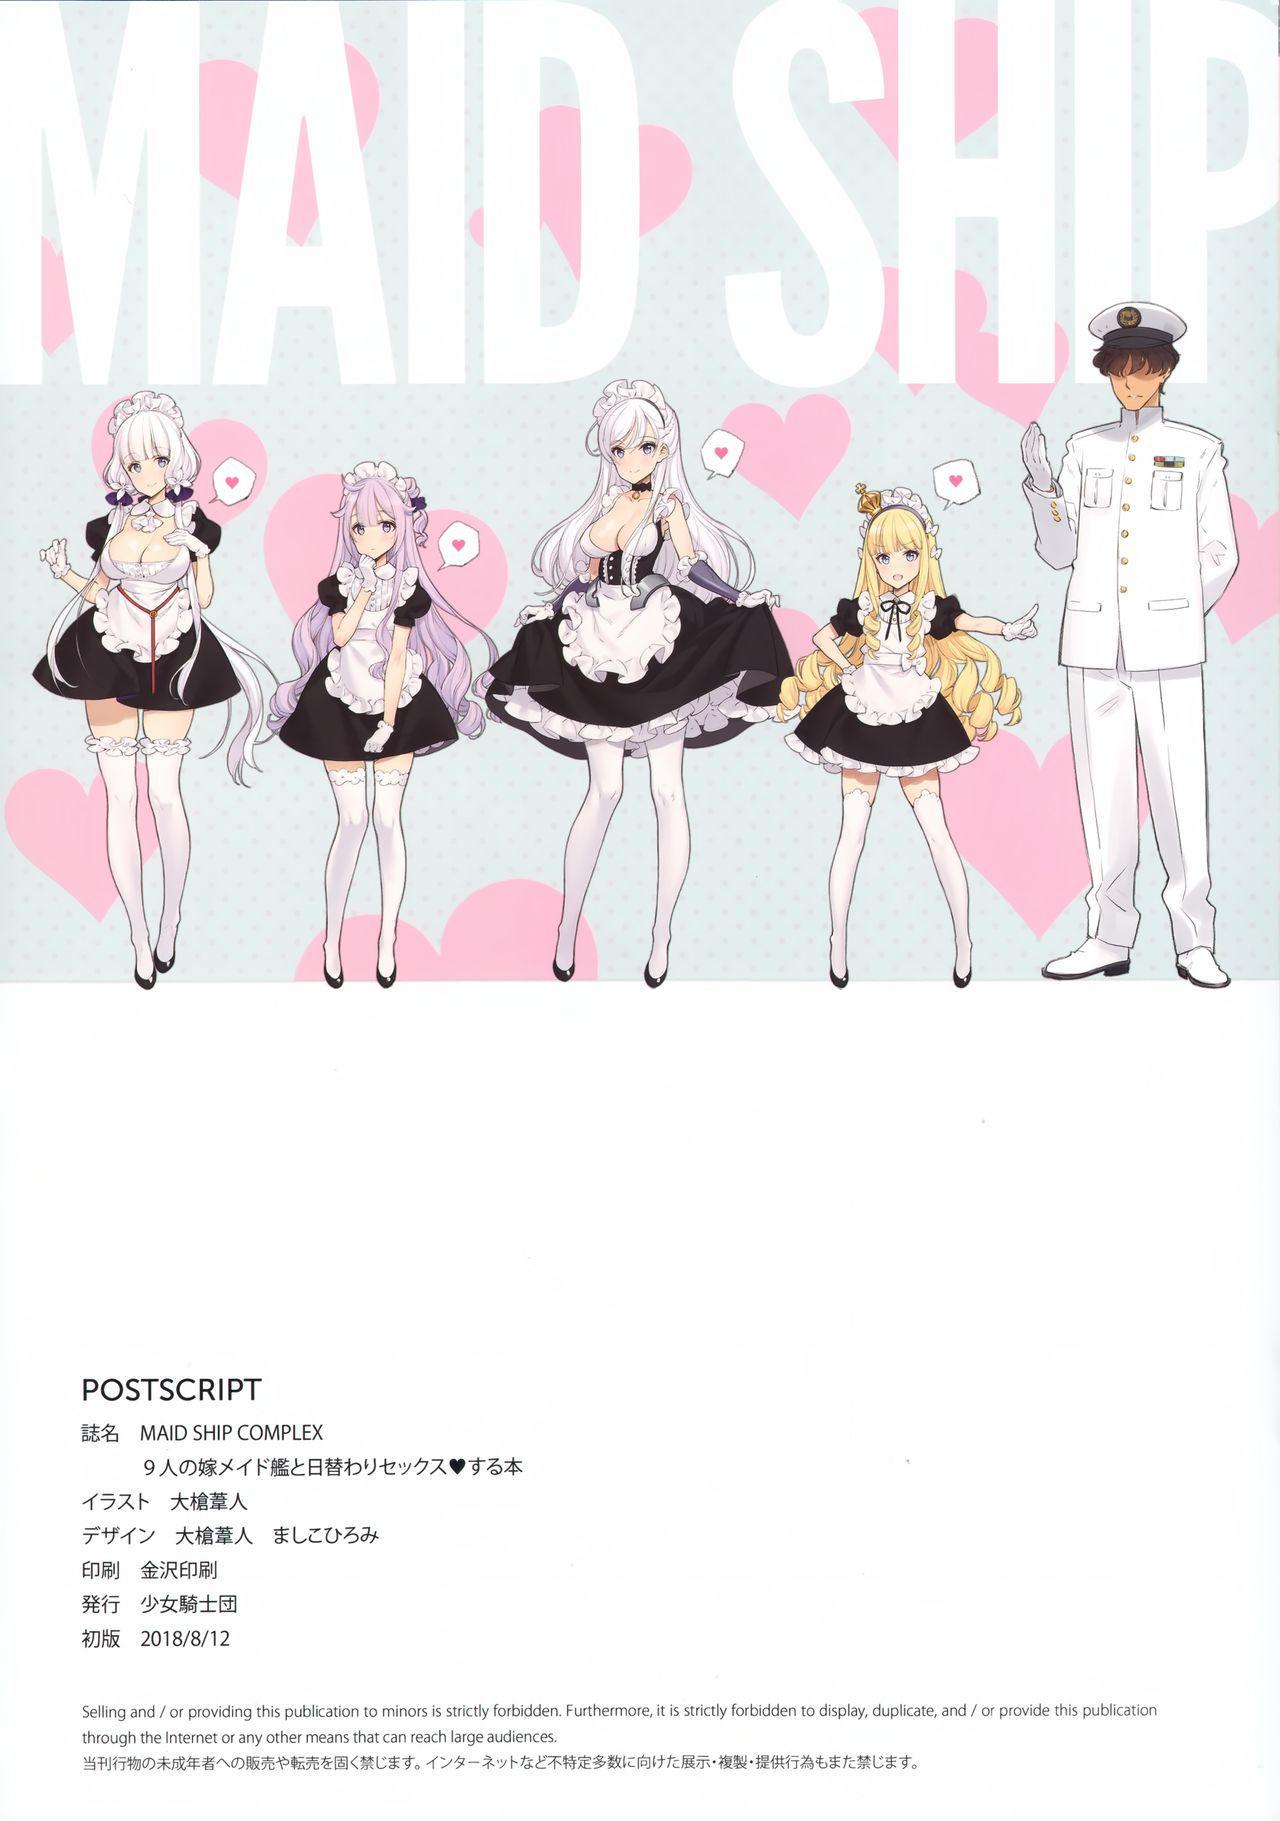 (C94) [Shoujo Kishidan (Oyari Ashito)] MAID SHIP COMPLEX - 9-nin no Yome Maid Kan to Higawari Sex Suru Hon (Azur Lane) [Chinese] [無毒漢化組] 3